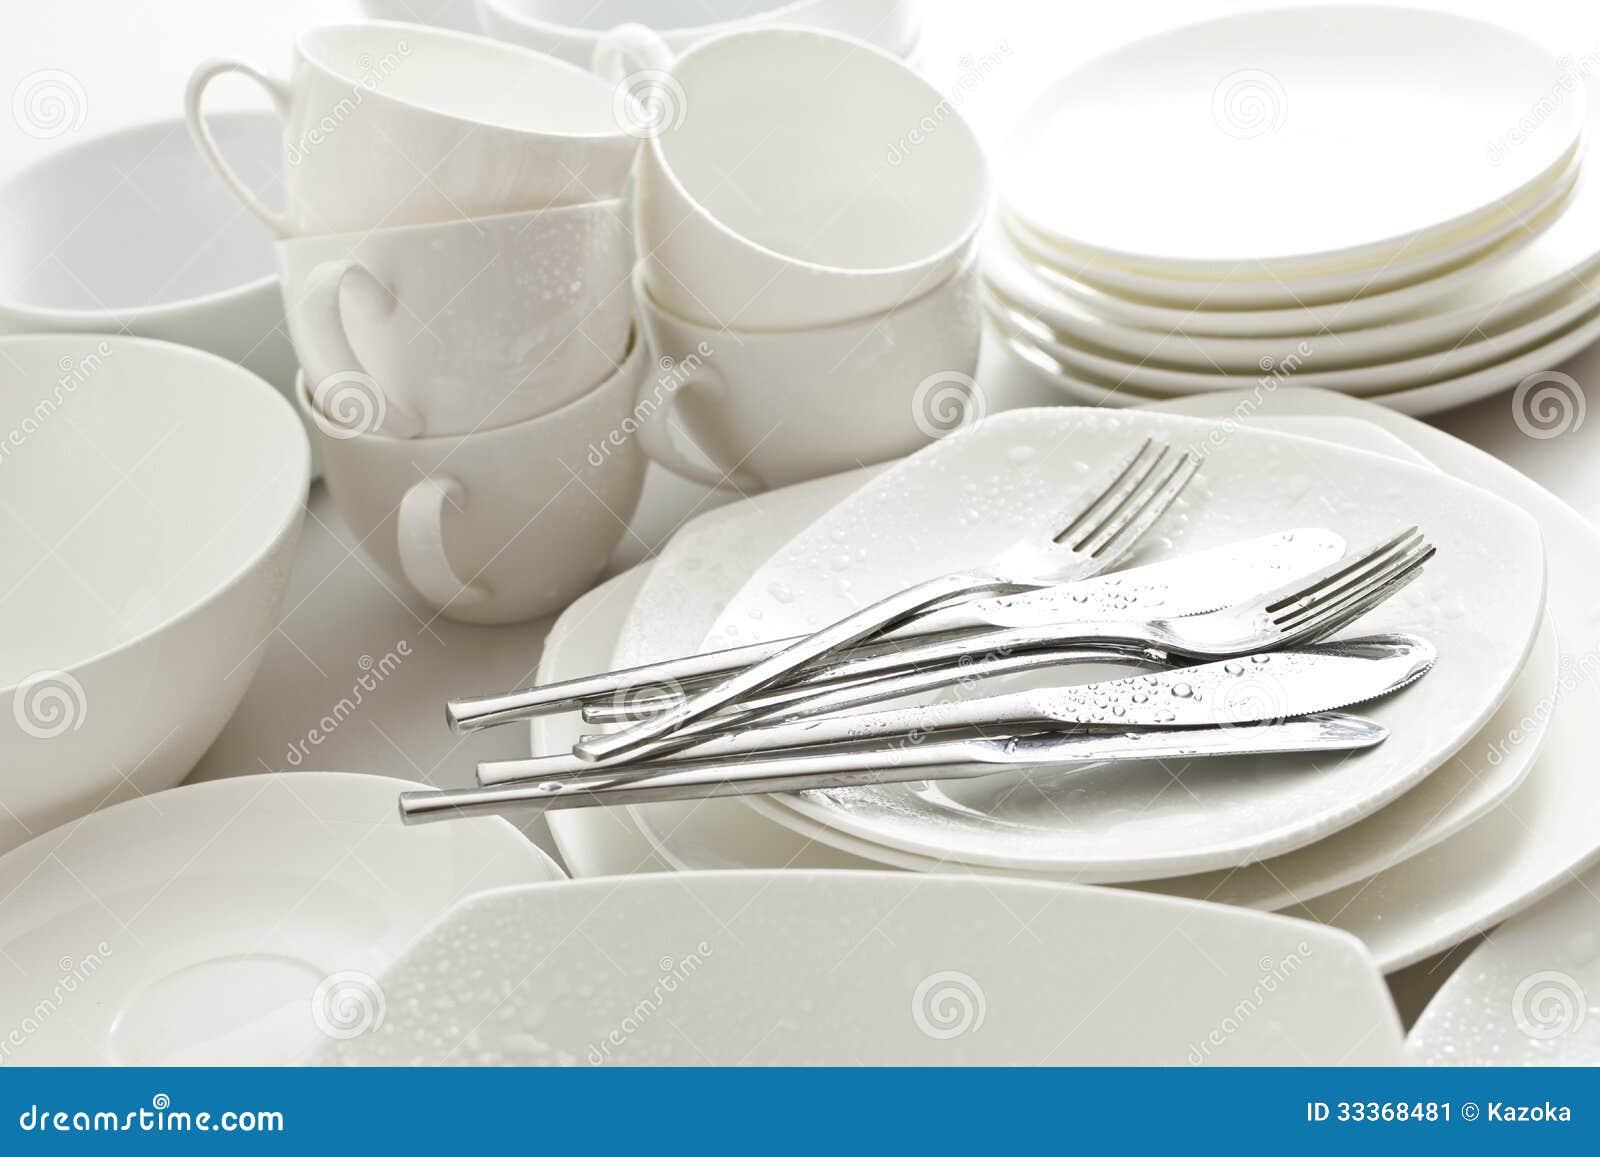 Loza cocina imagen de archivo imagen de limpio neutral for Azulejos de cocina de loza